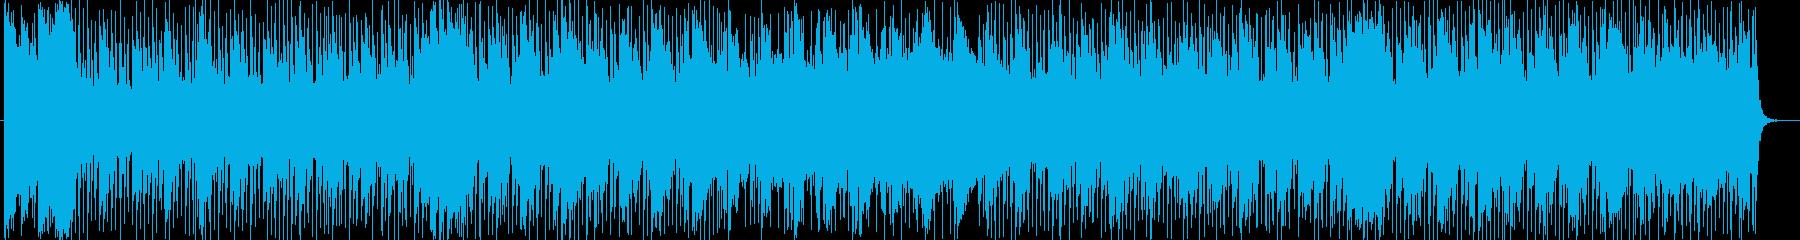 明るく爽やかなシンセサイザーなどの曲の再生済みの波形